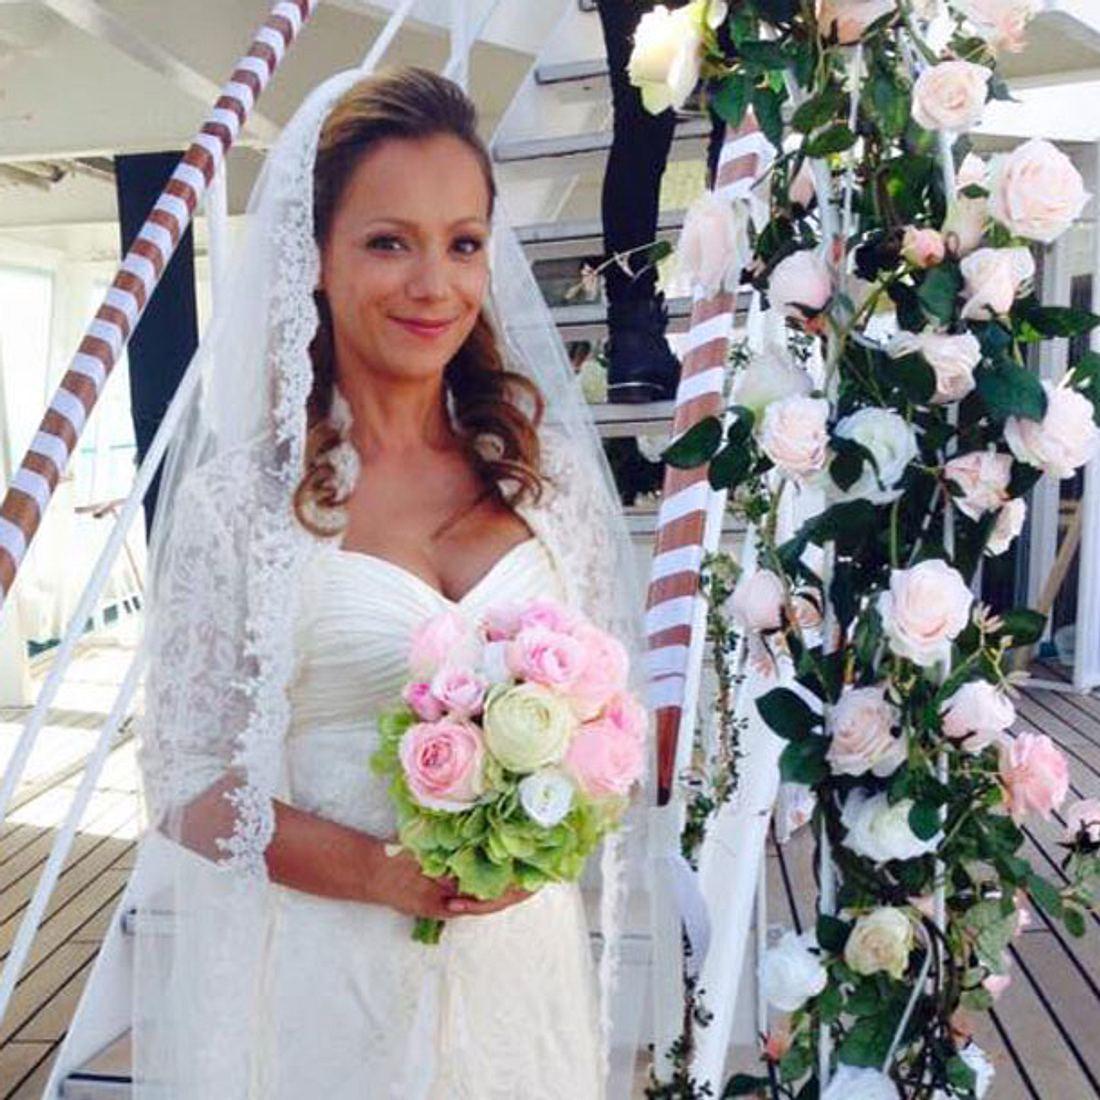 Radost Bokel im Brautkleid